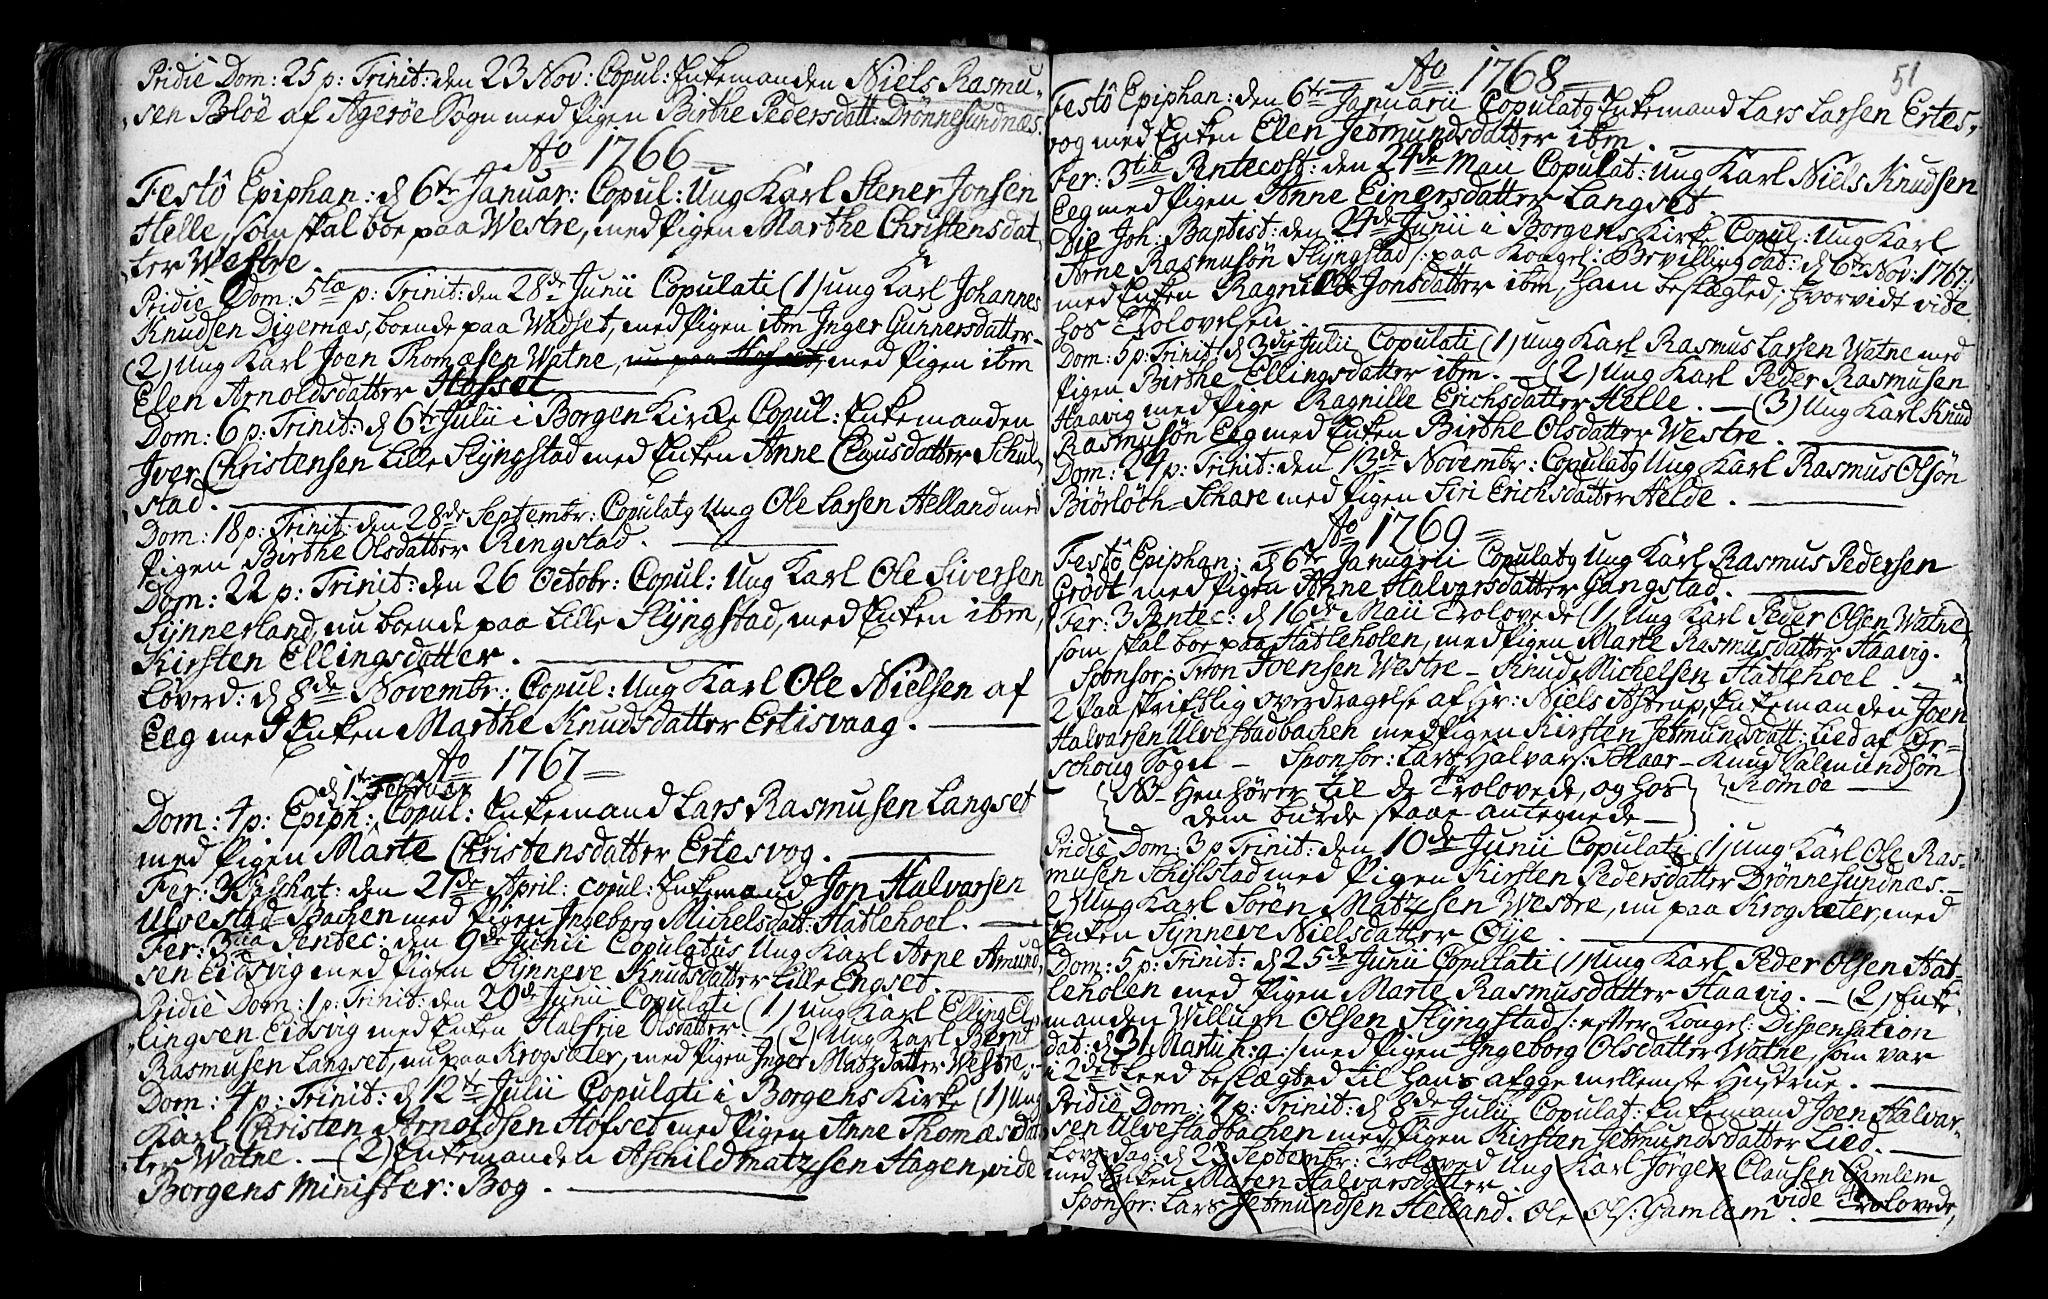 SAT, Ministerialprotokoller, klokkerbøker og fødselsregistre - Møre og Romsdal, 525/L0371: Ministerialbok nr. 525A01, 1699-1777, s. 51